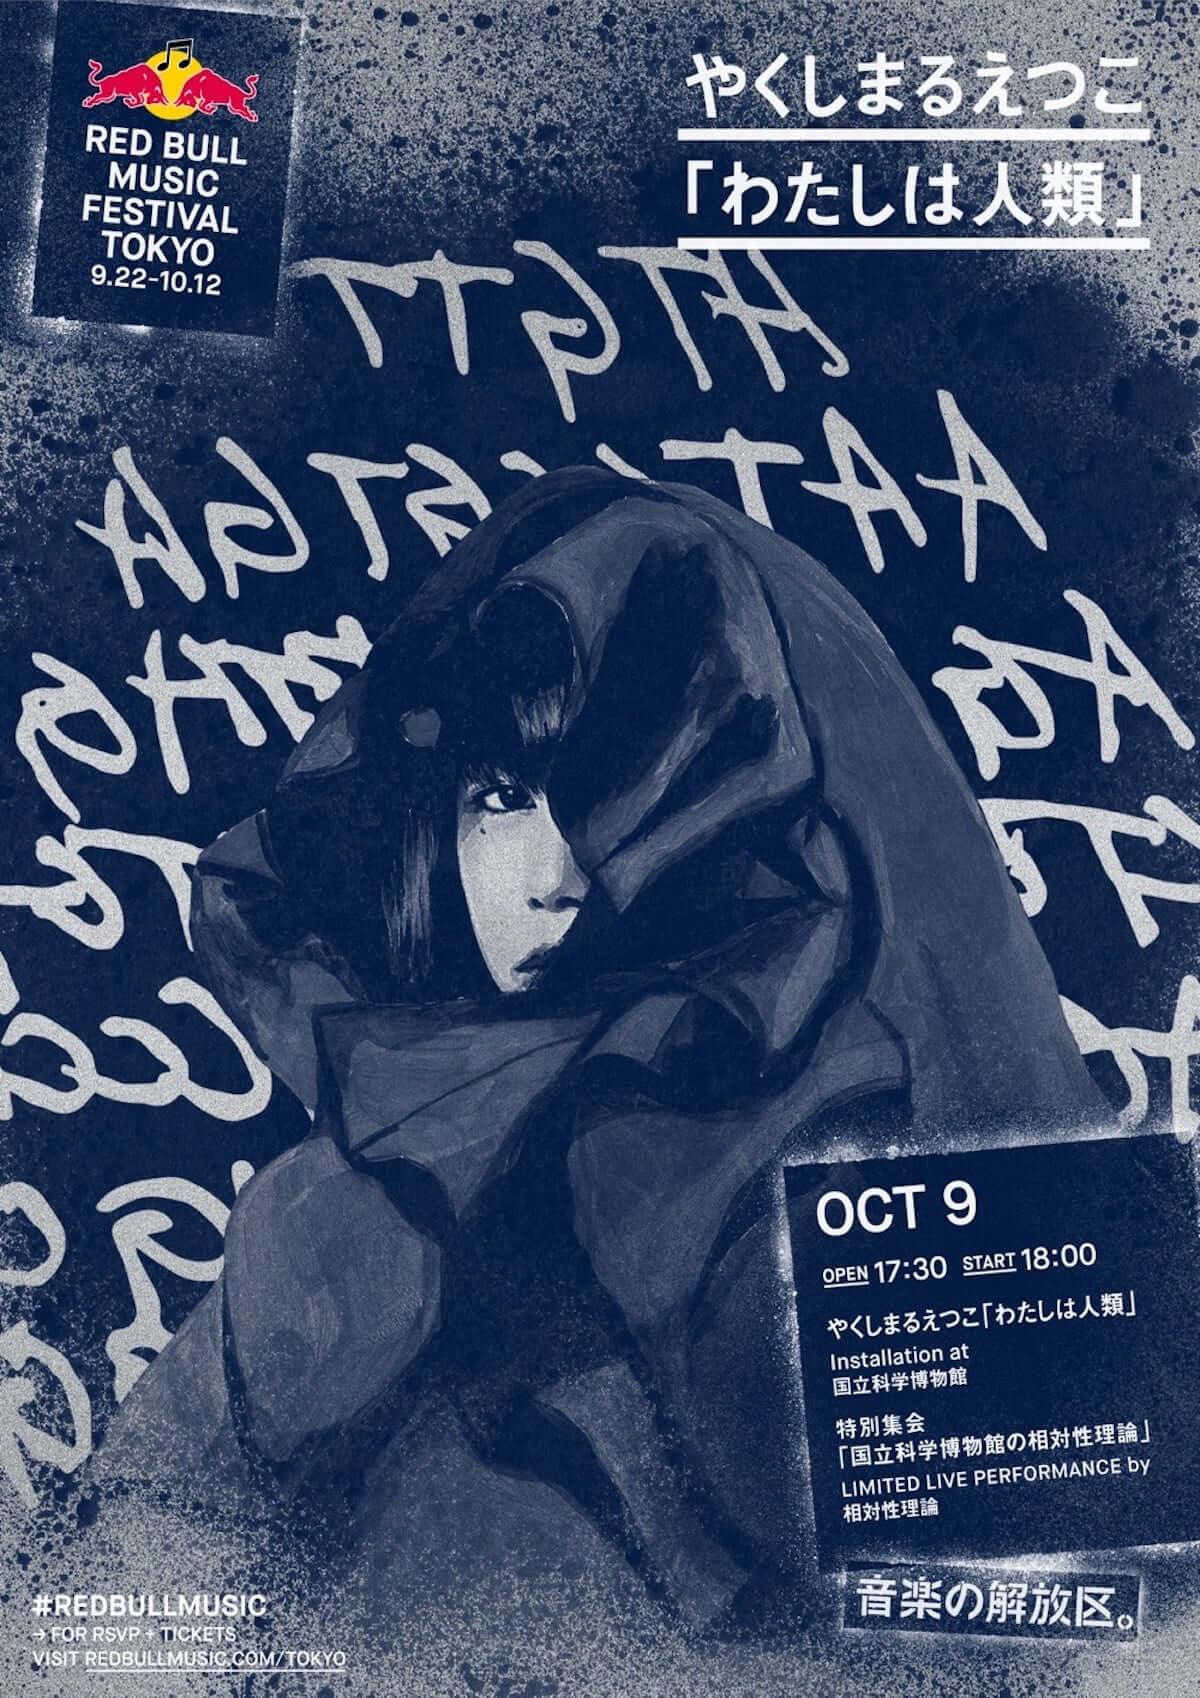 相対性理論、新曲「NEO-FUTURE」をゲリラ配信リリース!渋谷駅地下道に『NEO-FUTURE』巨大インスタレーション出現! music181002_stsr_5-1200x1698